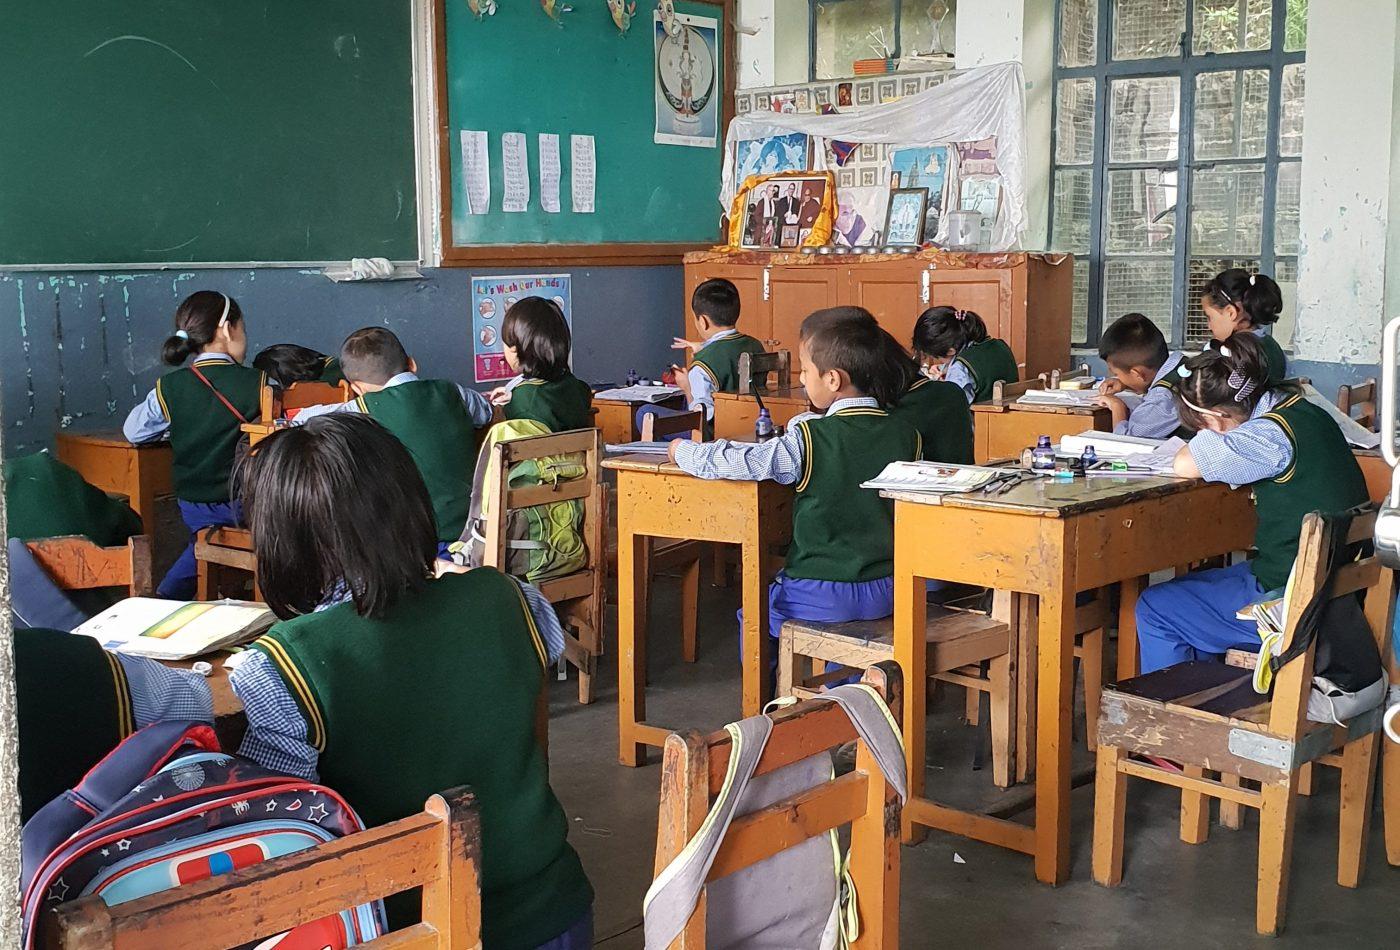 כתה בכפר הילדים הטיבטי